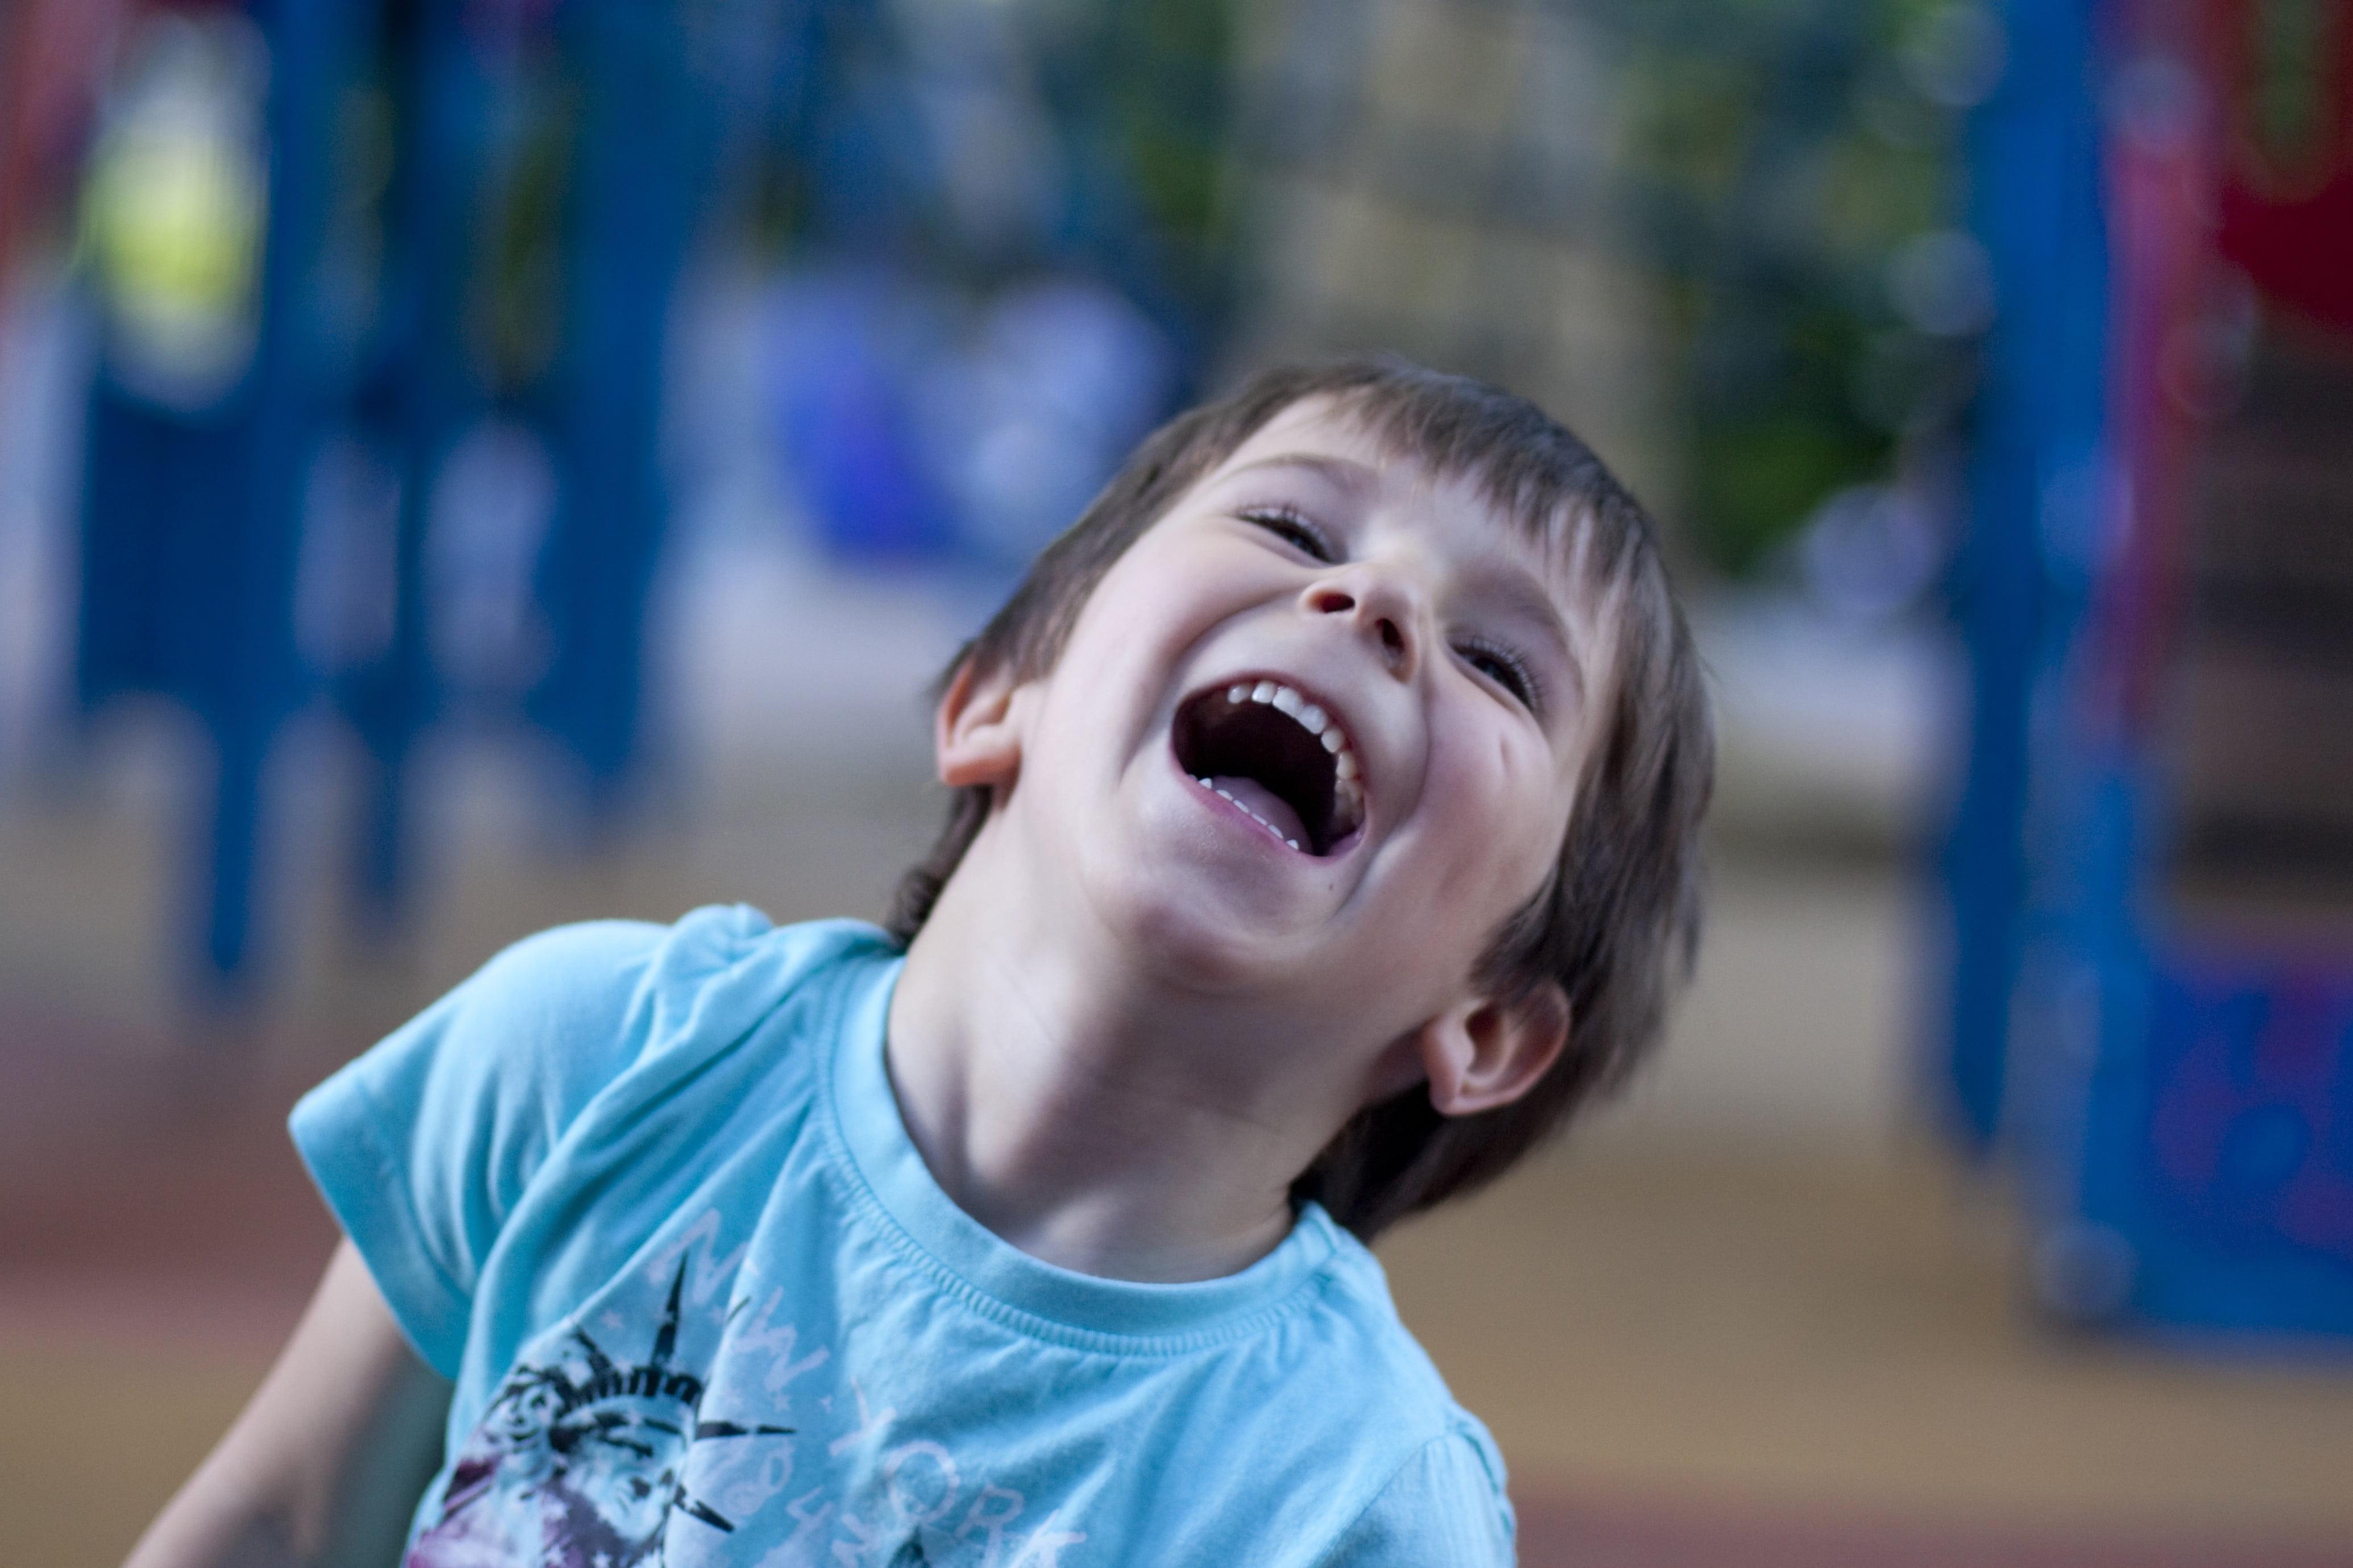 六一儿童节 | 你的笑容让世界都变得柔软起来